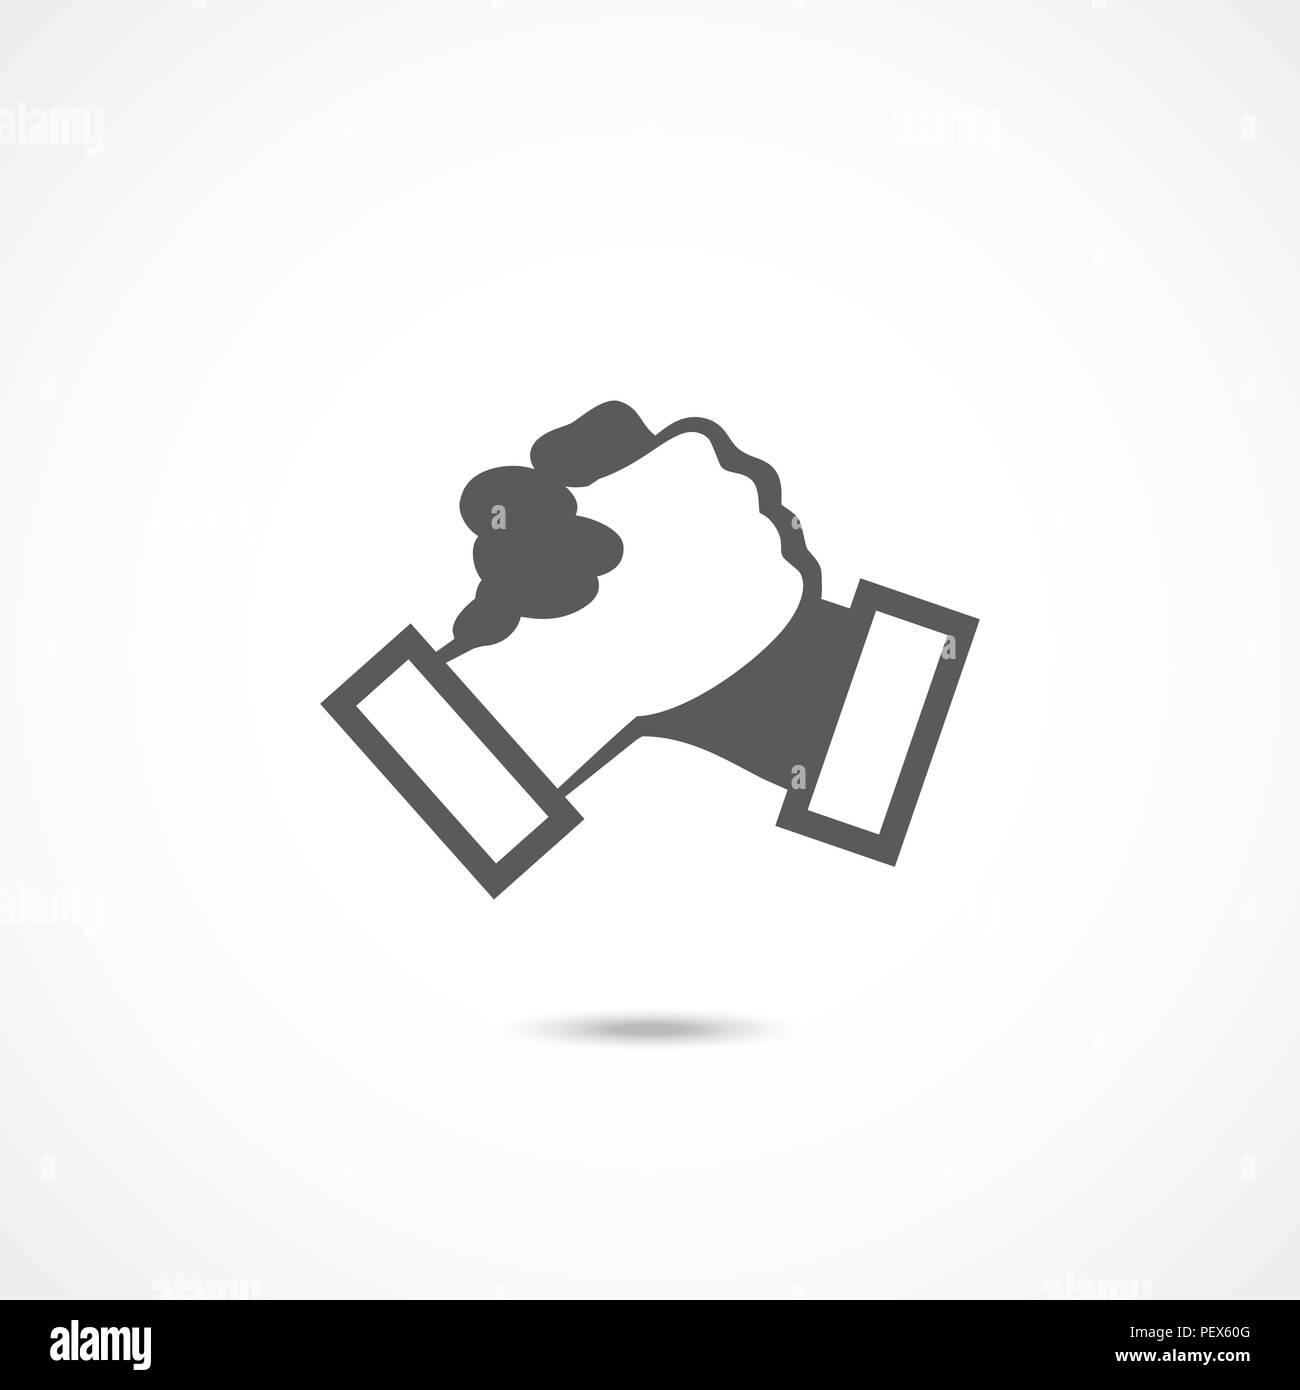 Icono de apretón de manos en blanco Imagen De Stock